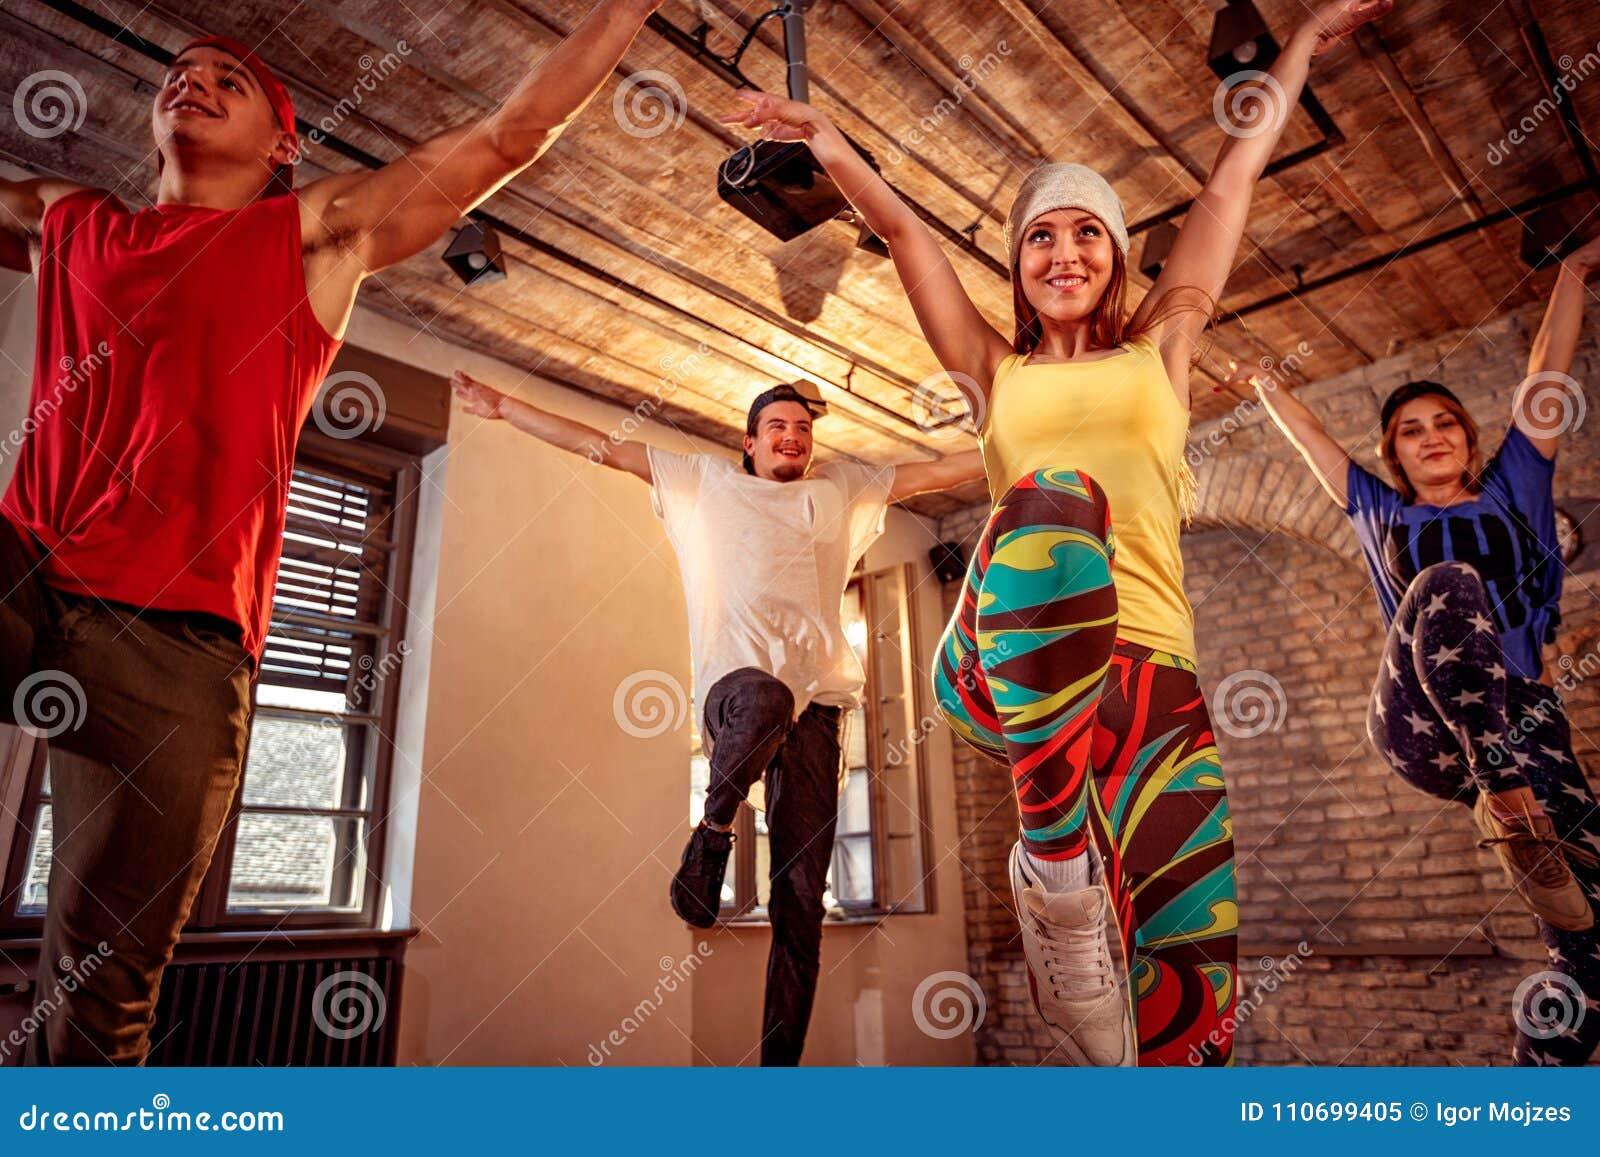 Danze moderne professionali di addestramento del ballerino in studio Sport, Dan